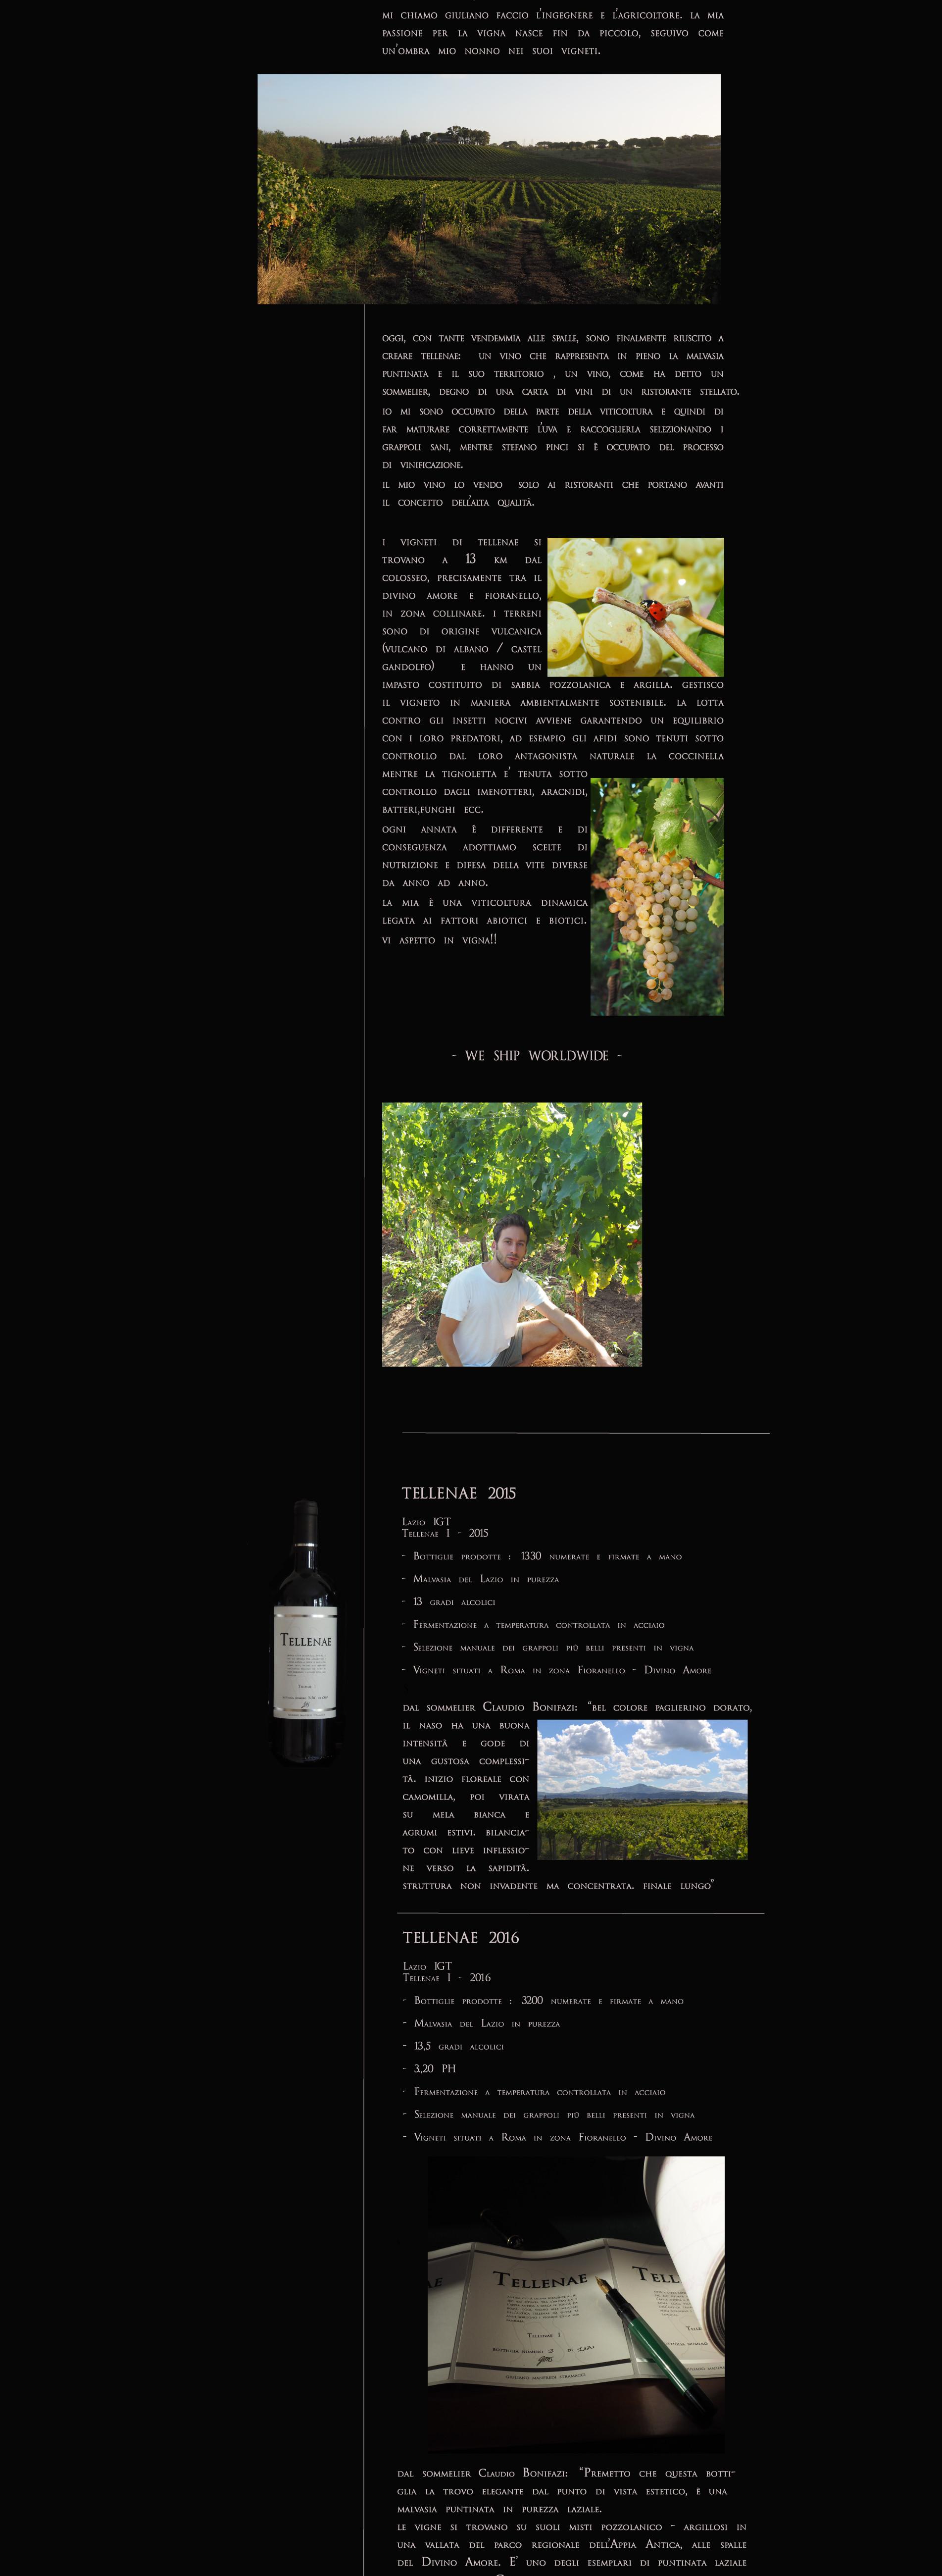 coccinella uva Carpineti Casale del Giglio Antinori Fattoria di Fiorano Fioranello Boncompagni Gaja Falesco  biologico riserva della cascina  vigna  sommelier azienda agricola aziena vitivinicola to